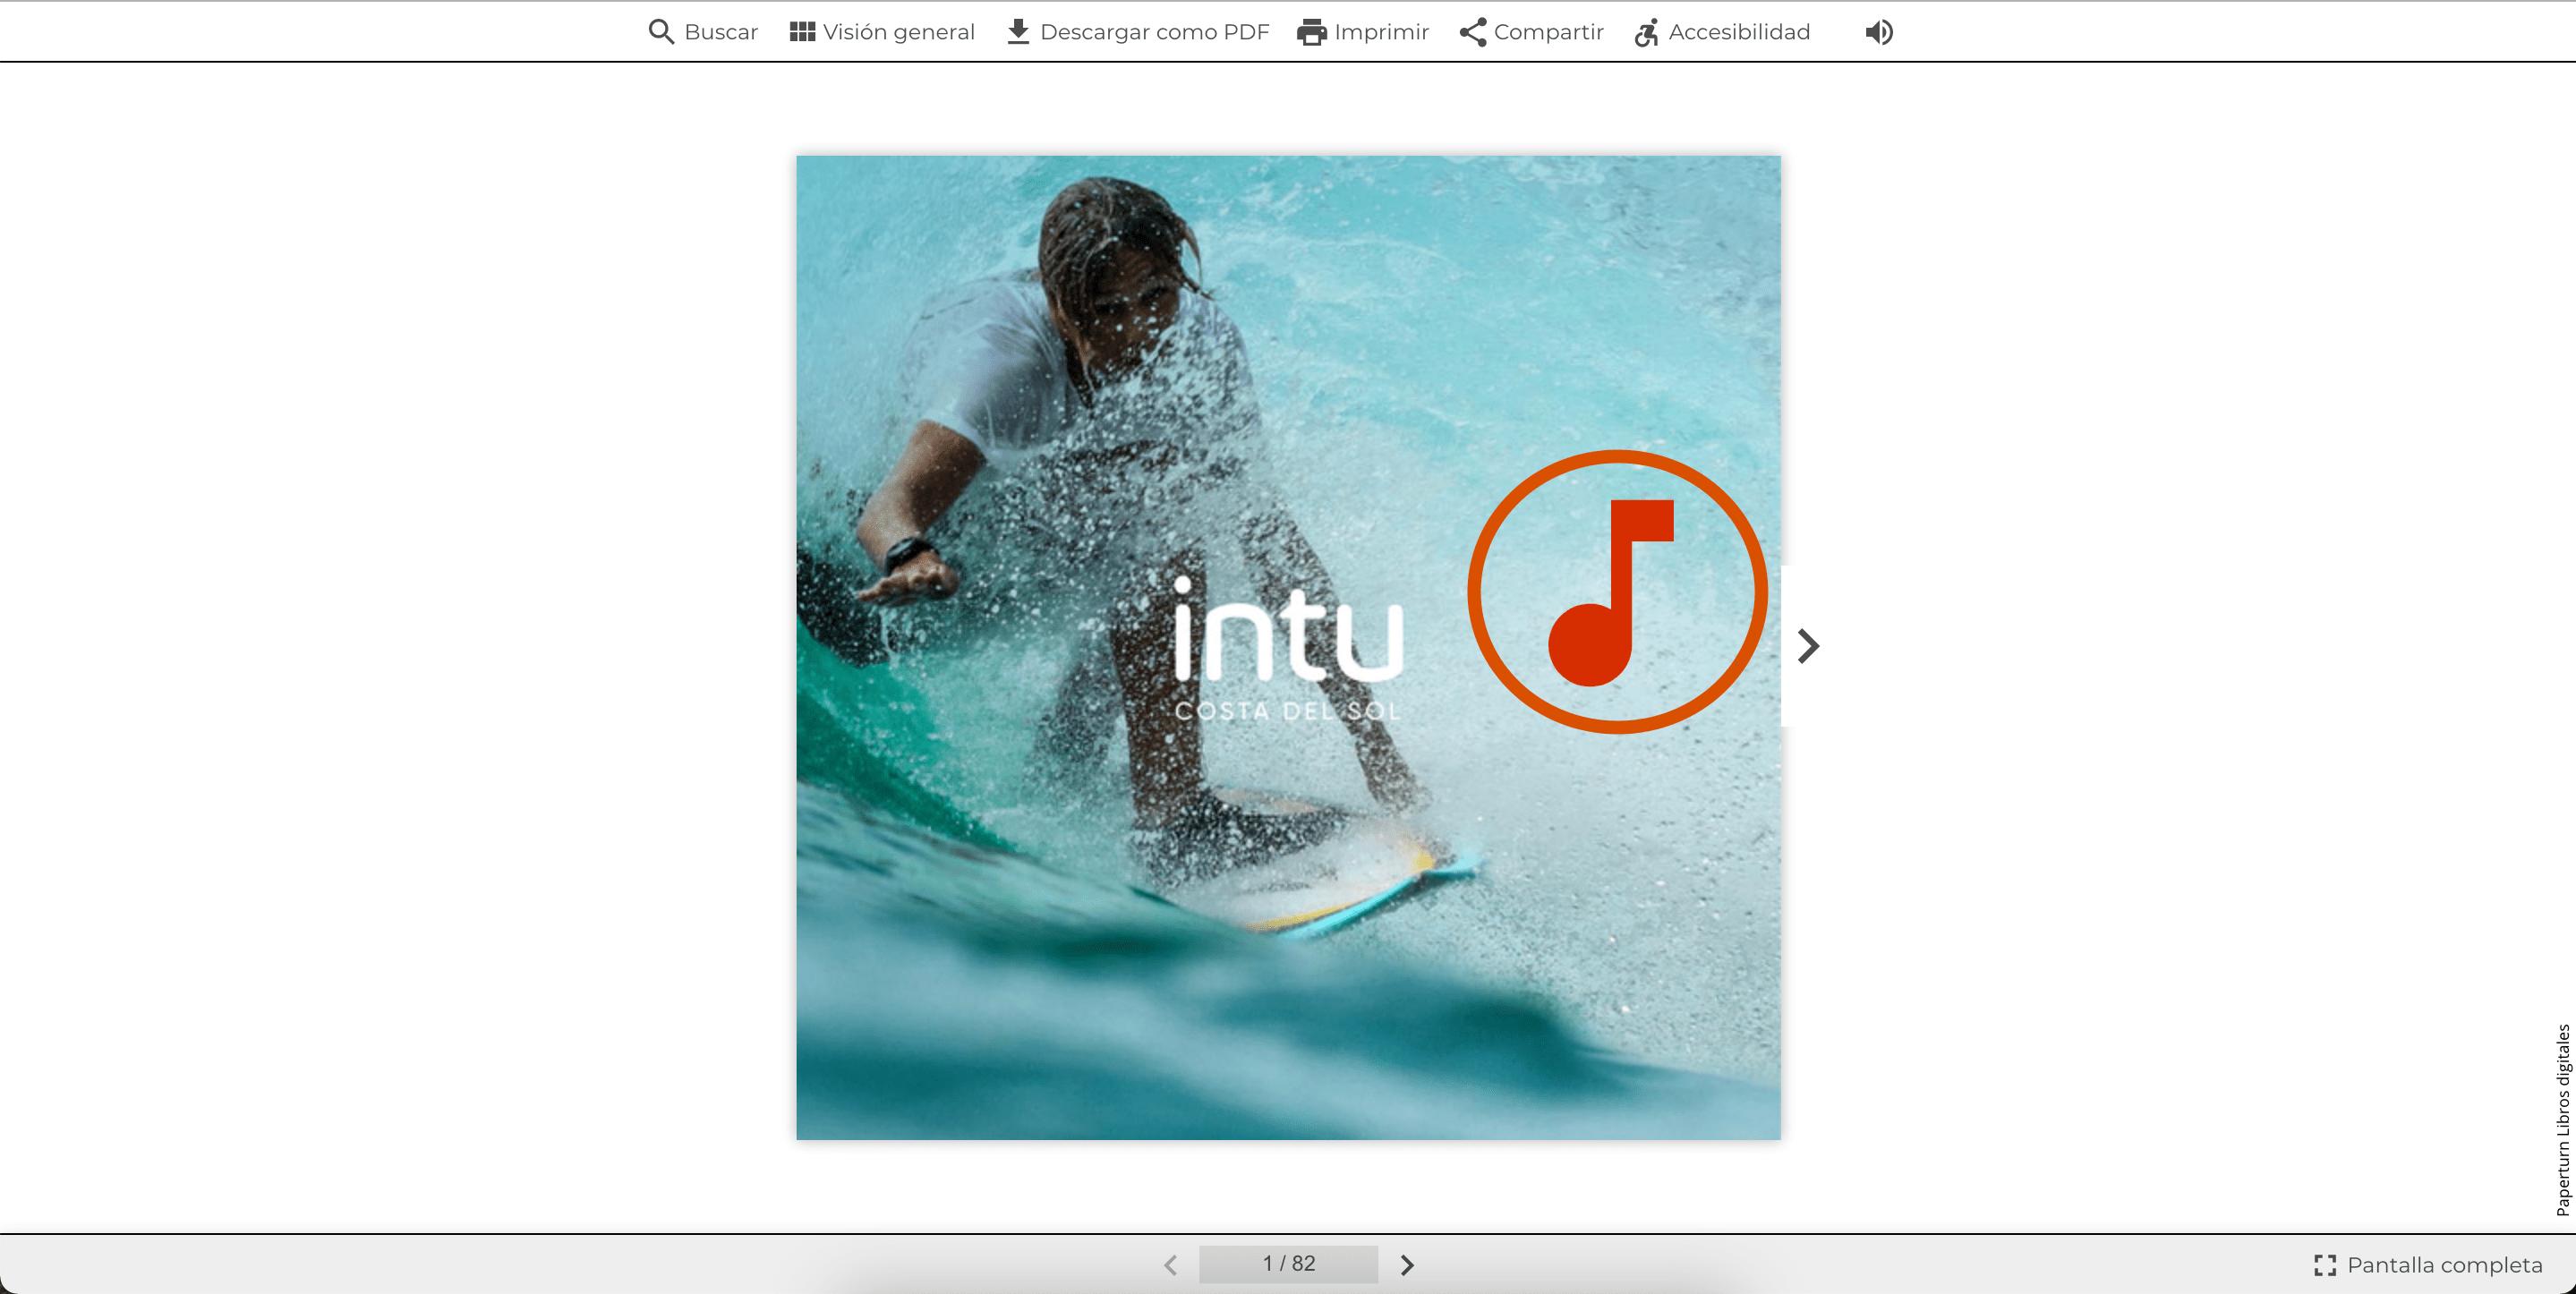 Captura de pantalla que muestra el flipbook en vivo con un efecto de sonido insertado en la página.